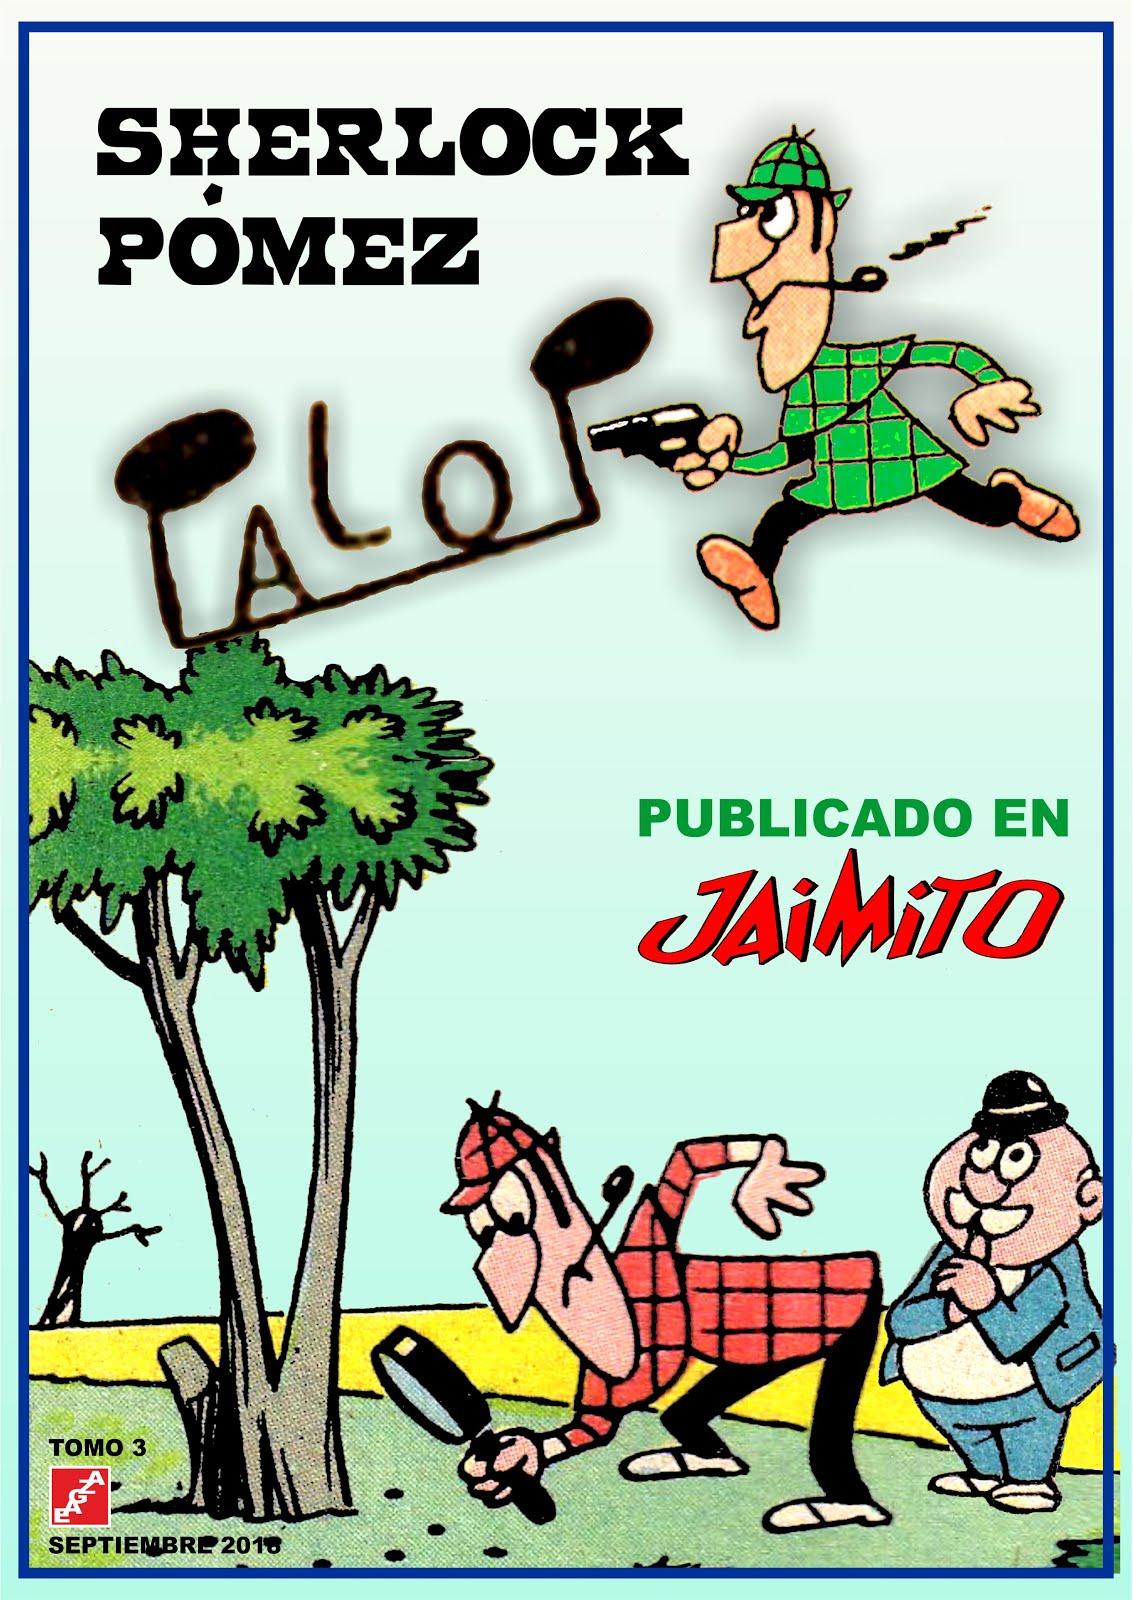 Sherlock Pómez - J. Palop  01-03  EAGZA